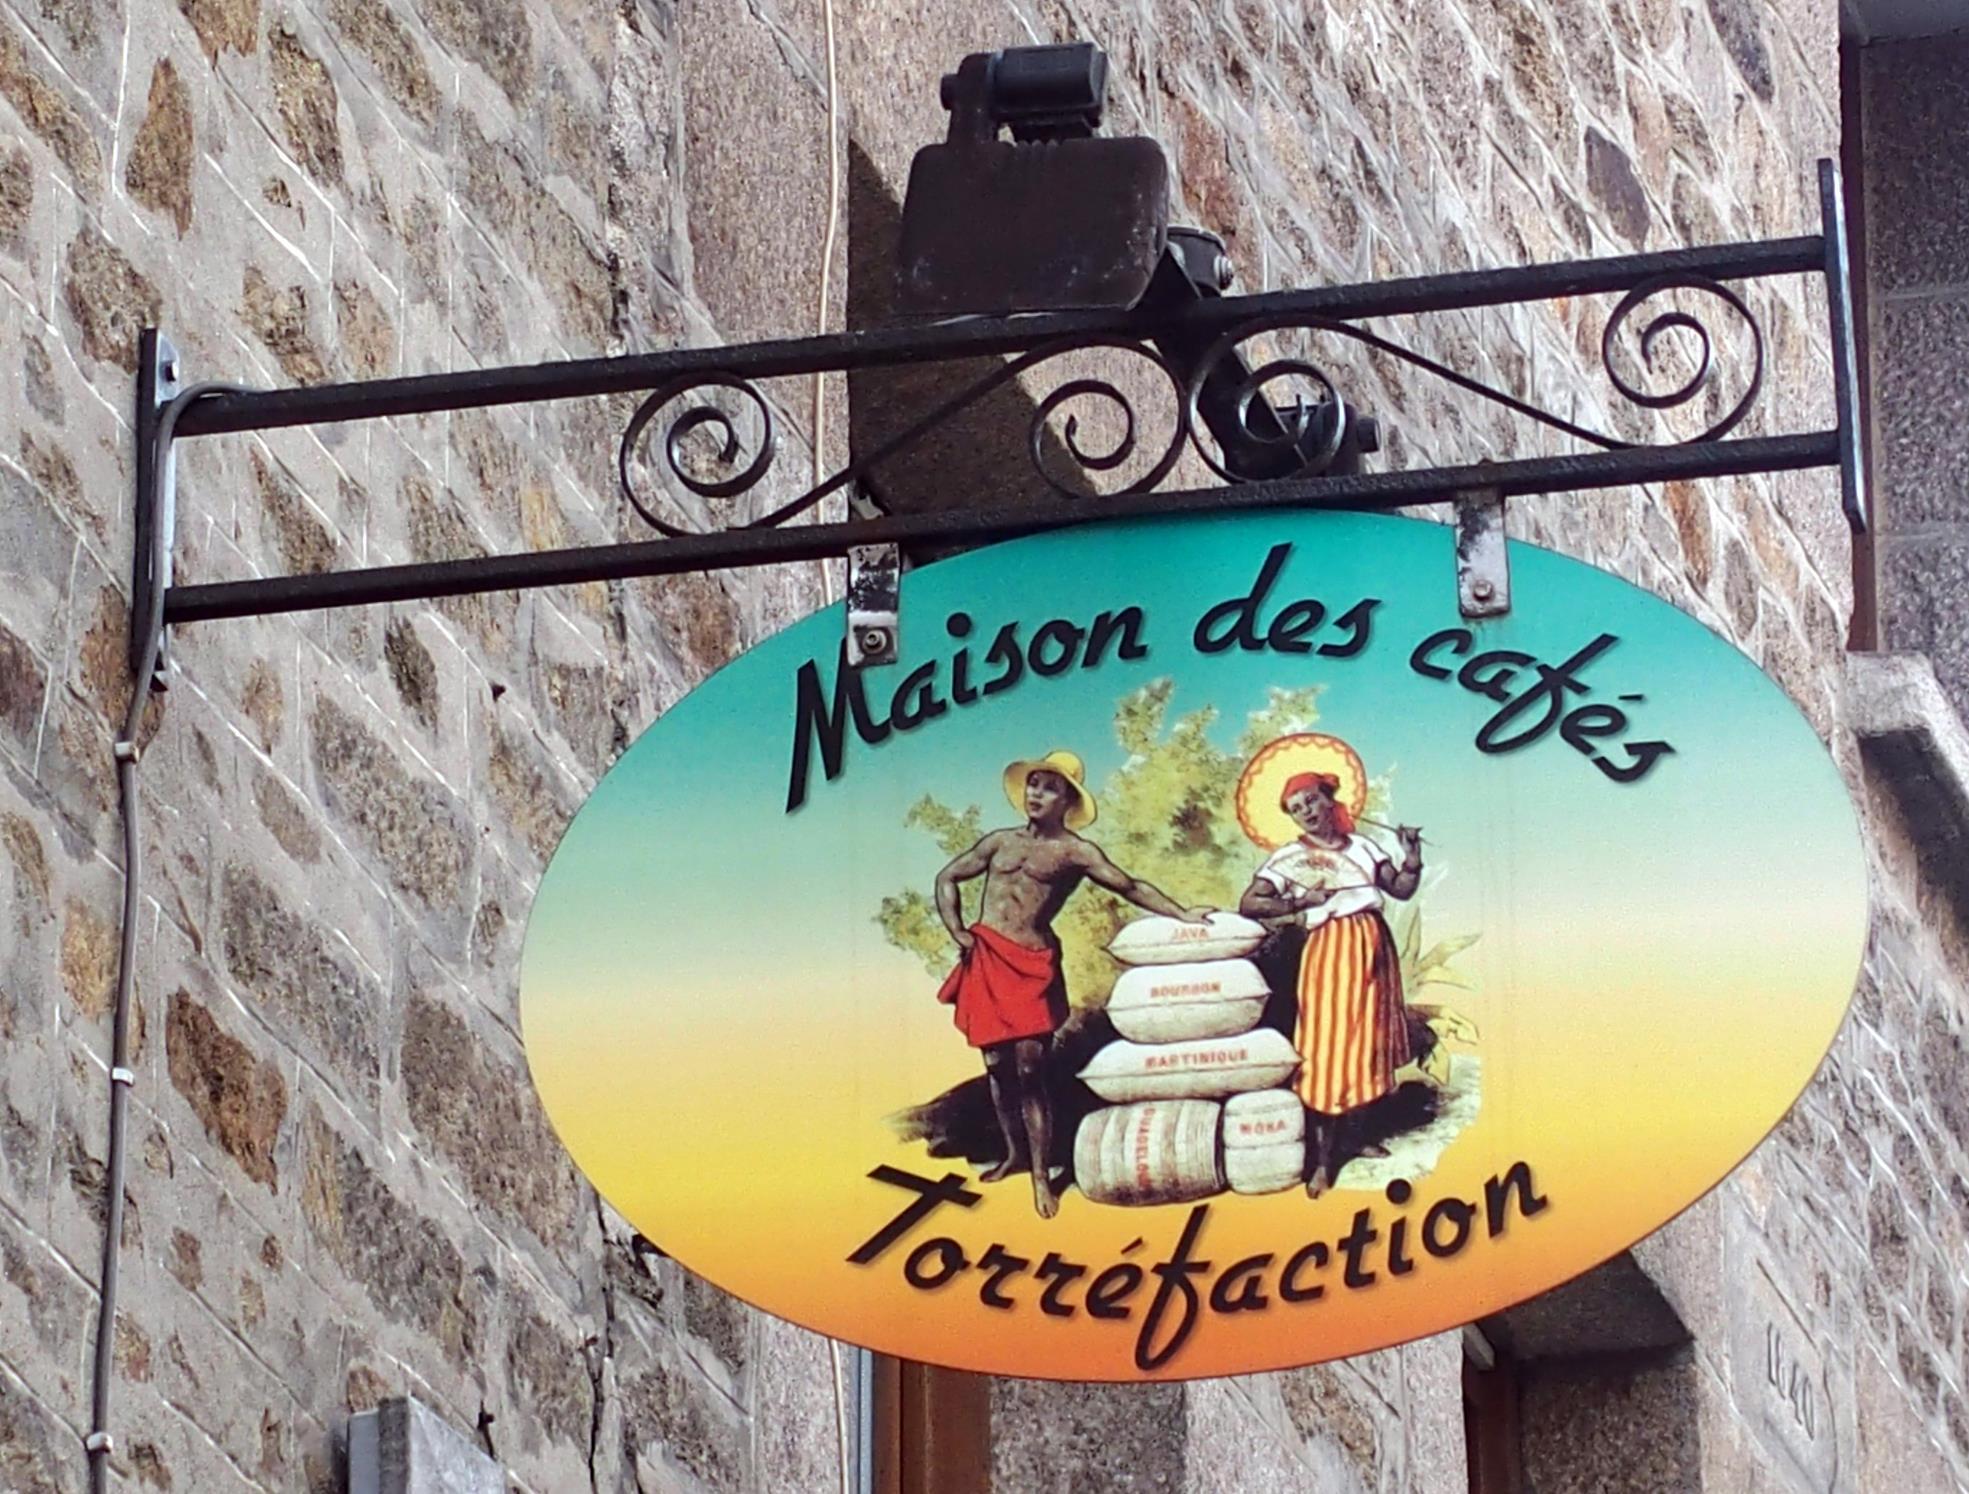 Maison des cafés - Torréfaction - Dinan